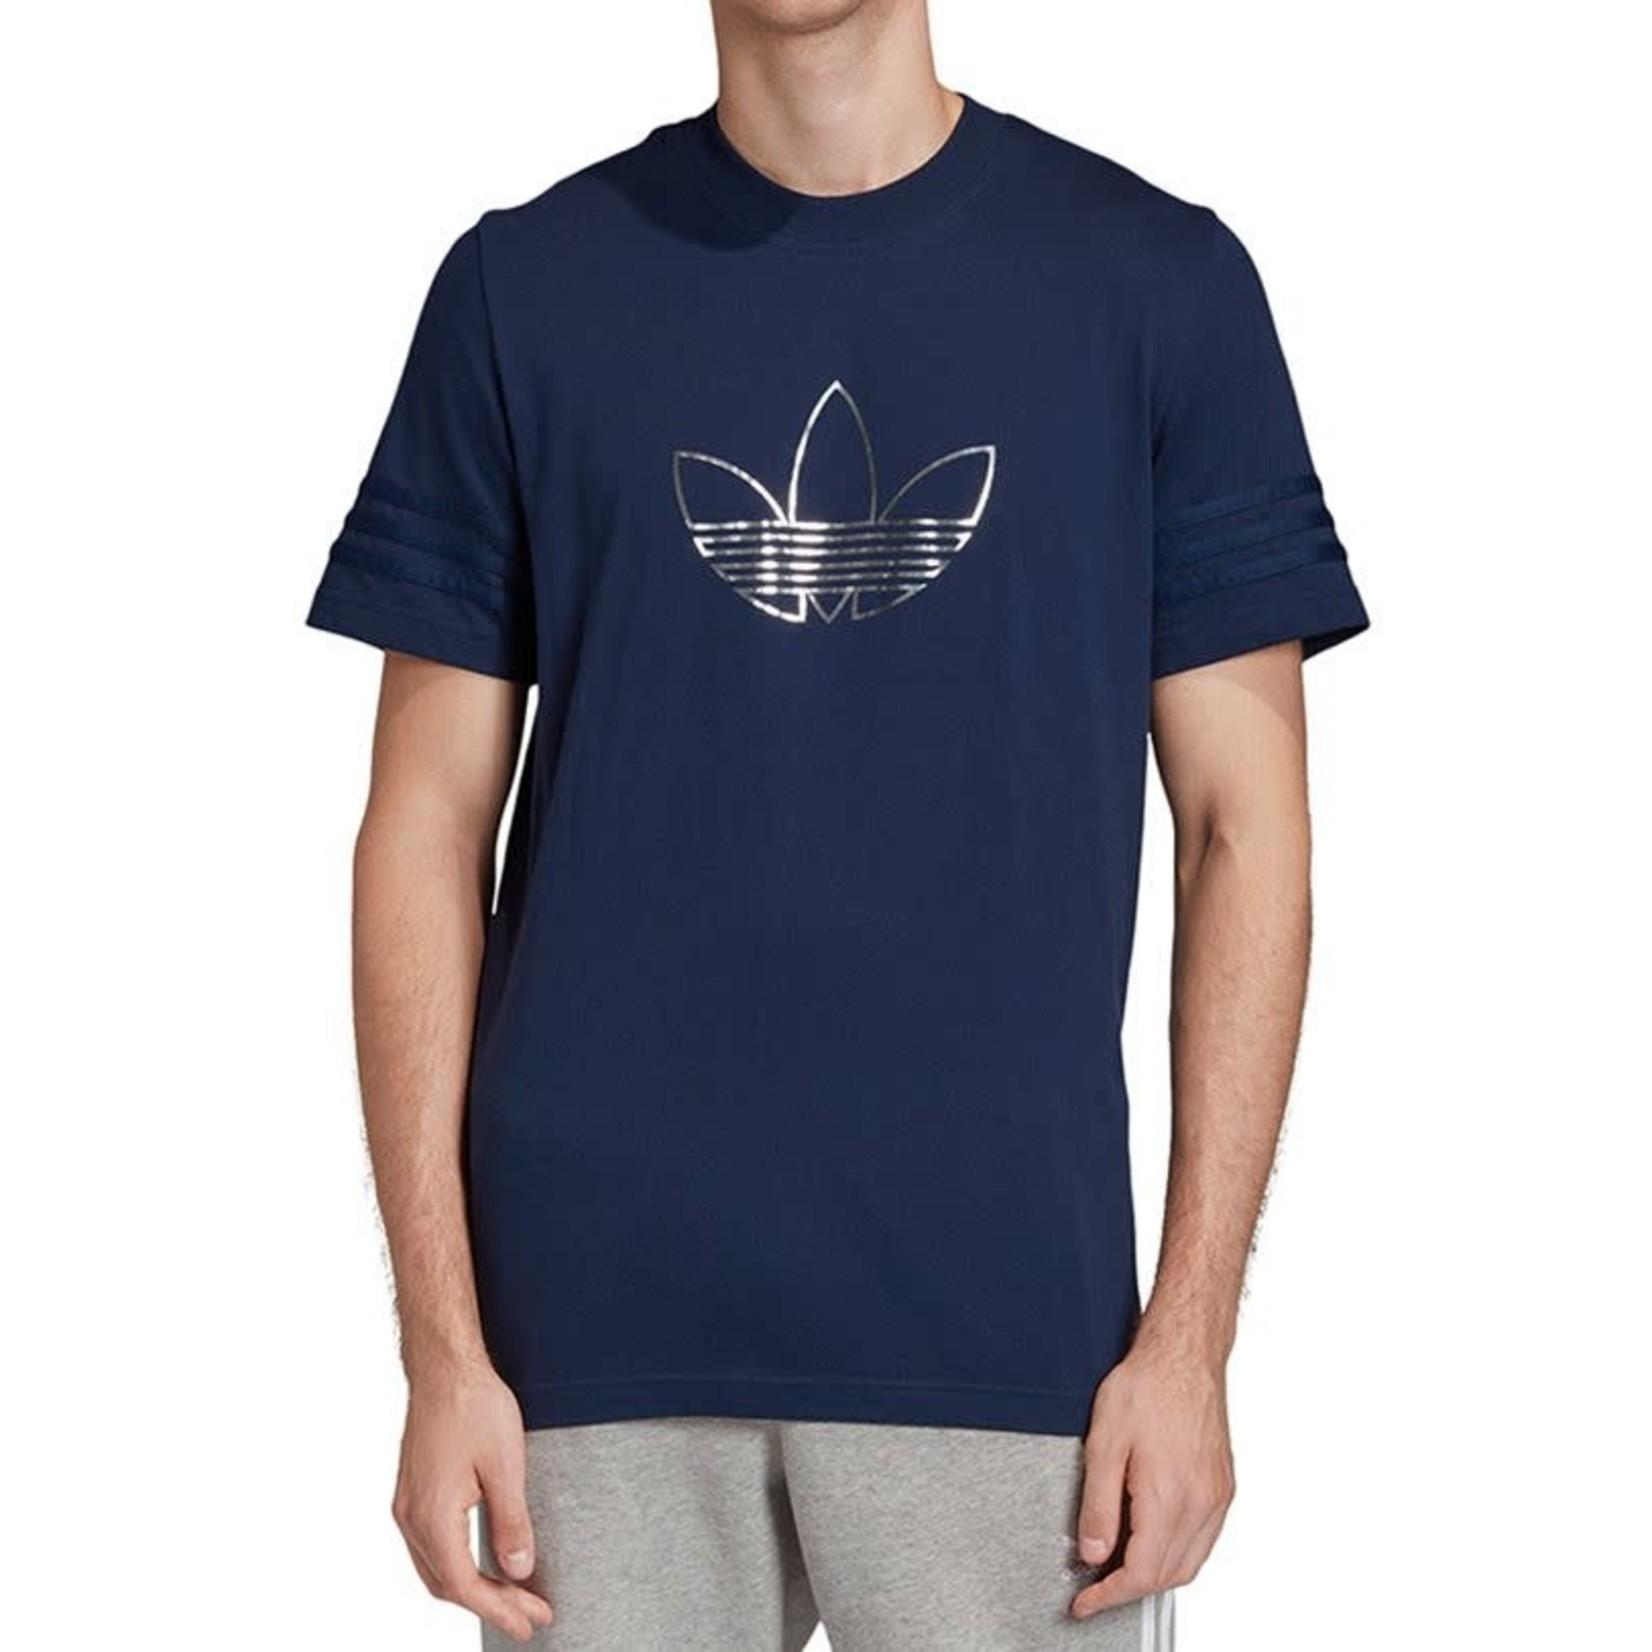 Adidas Adidas : Outline Embro Stripes T-Shirt